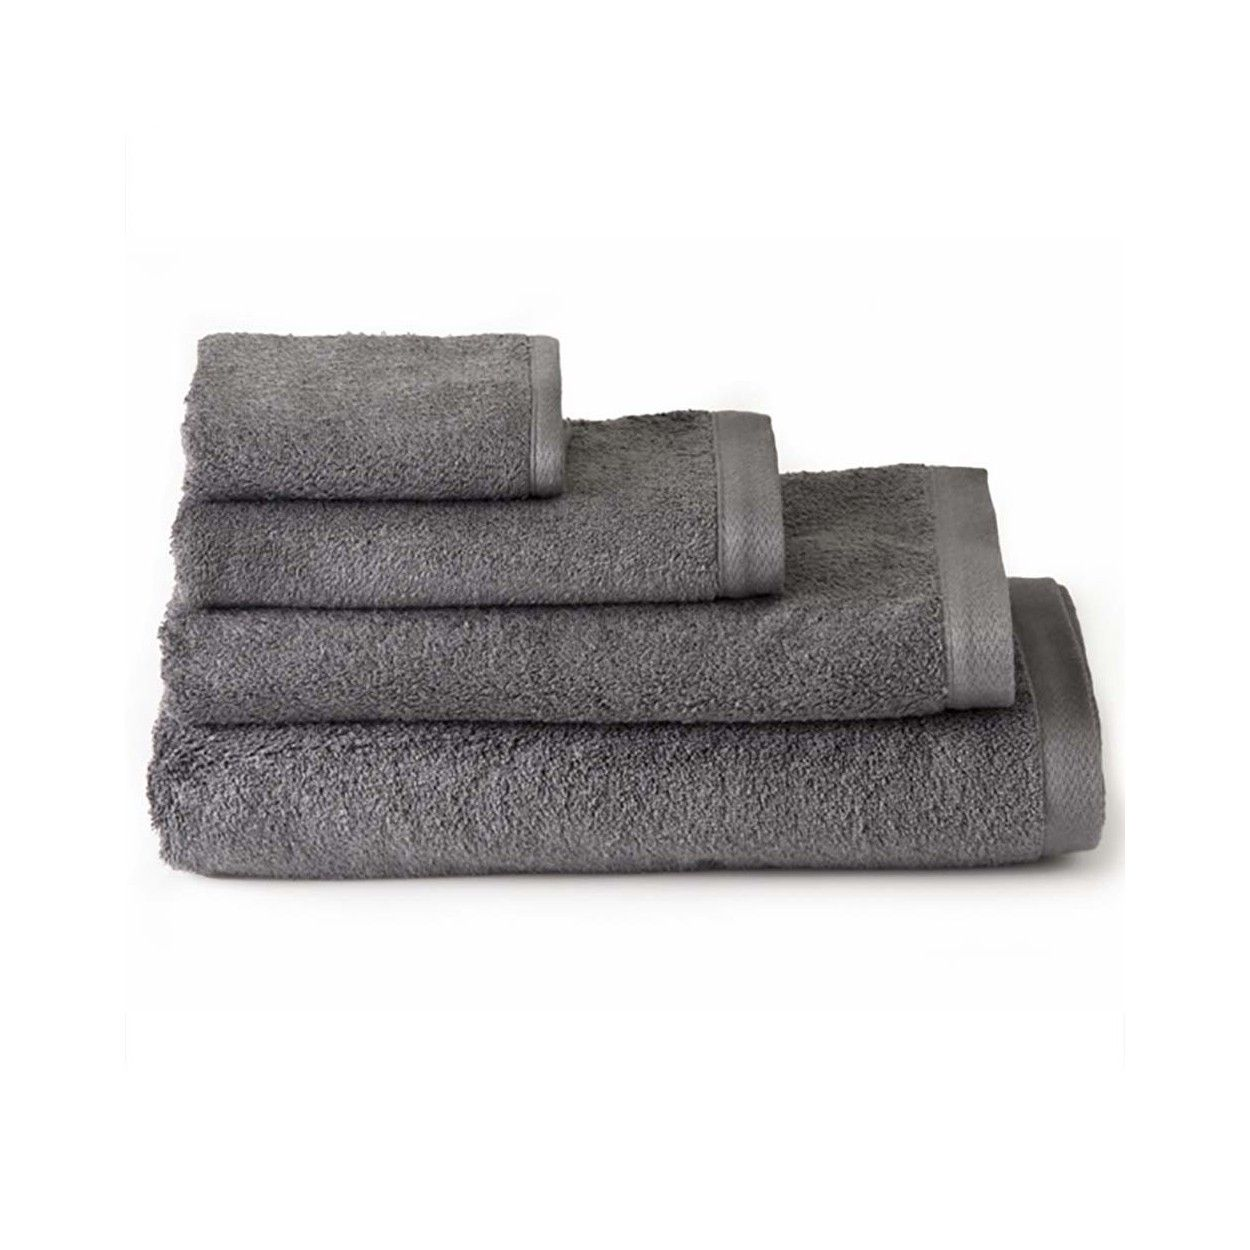 Toalla de ducha algod n gris 70x140 hogar y m s - Toallas de algodon ...